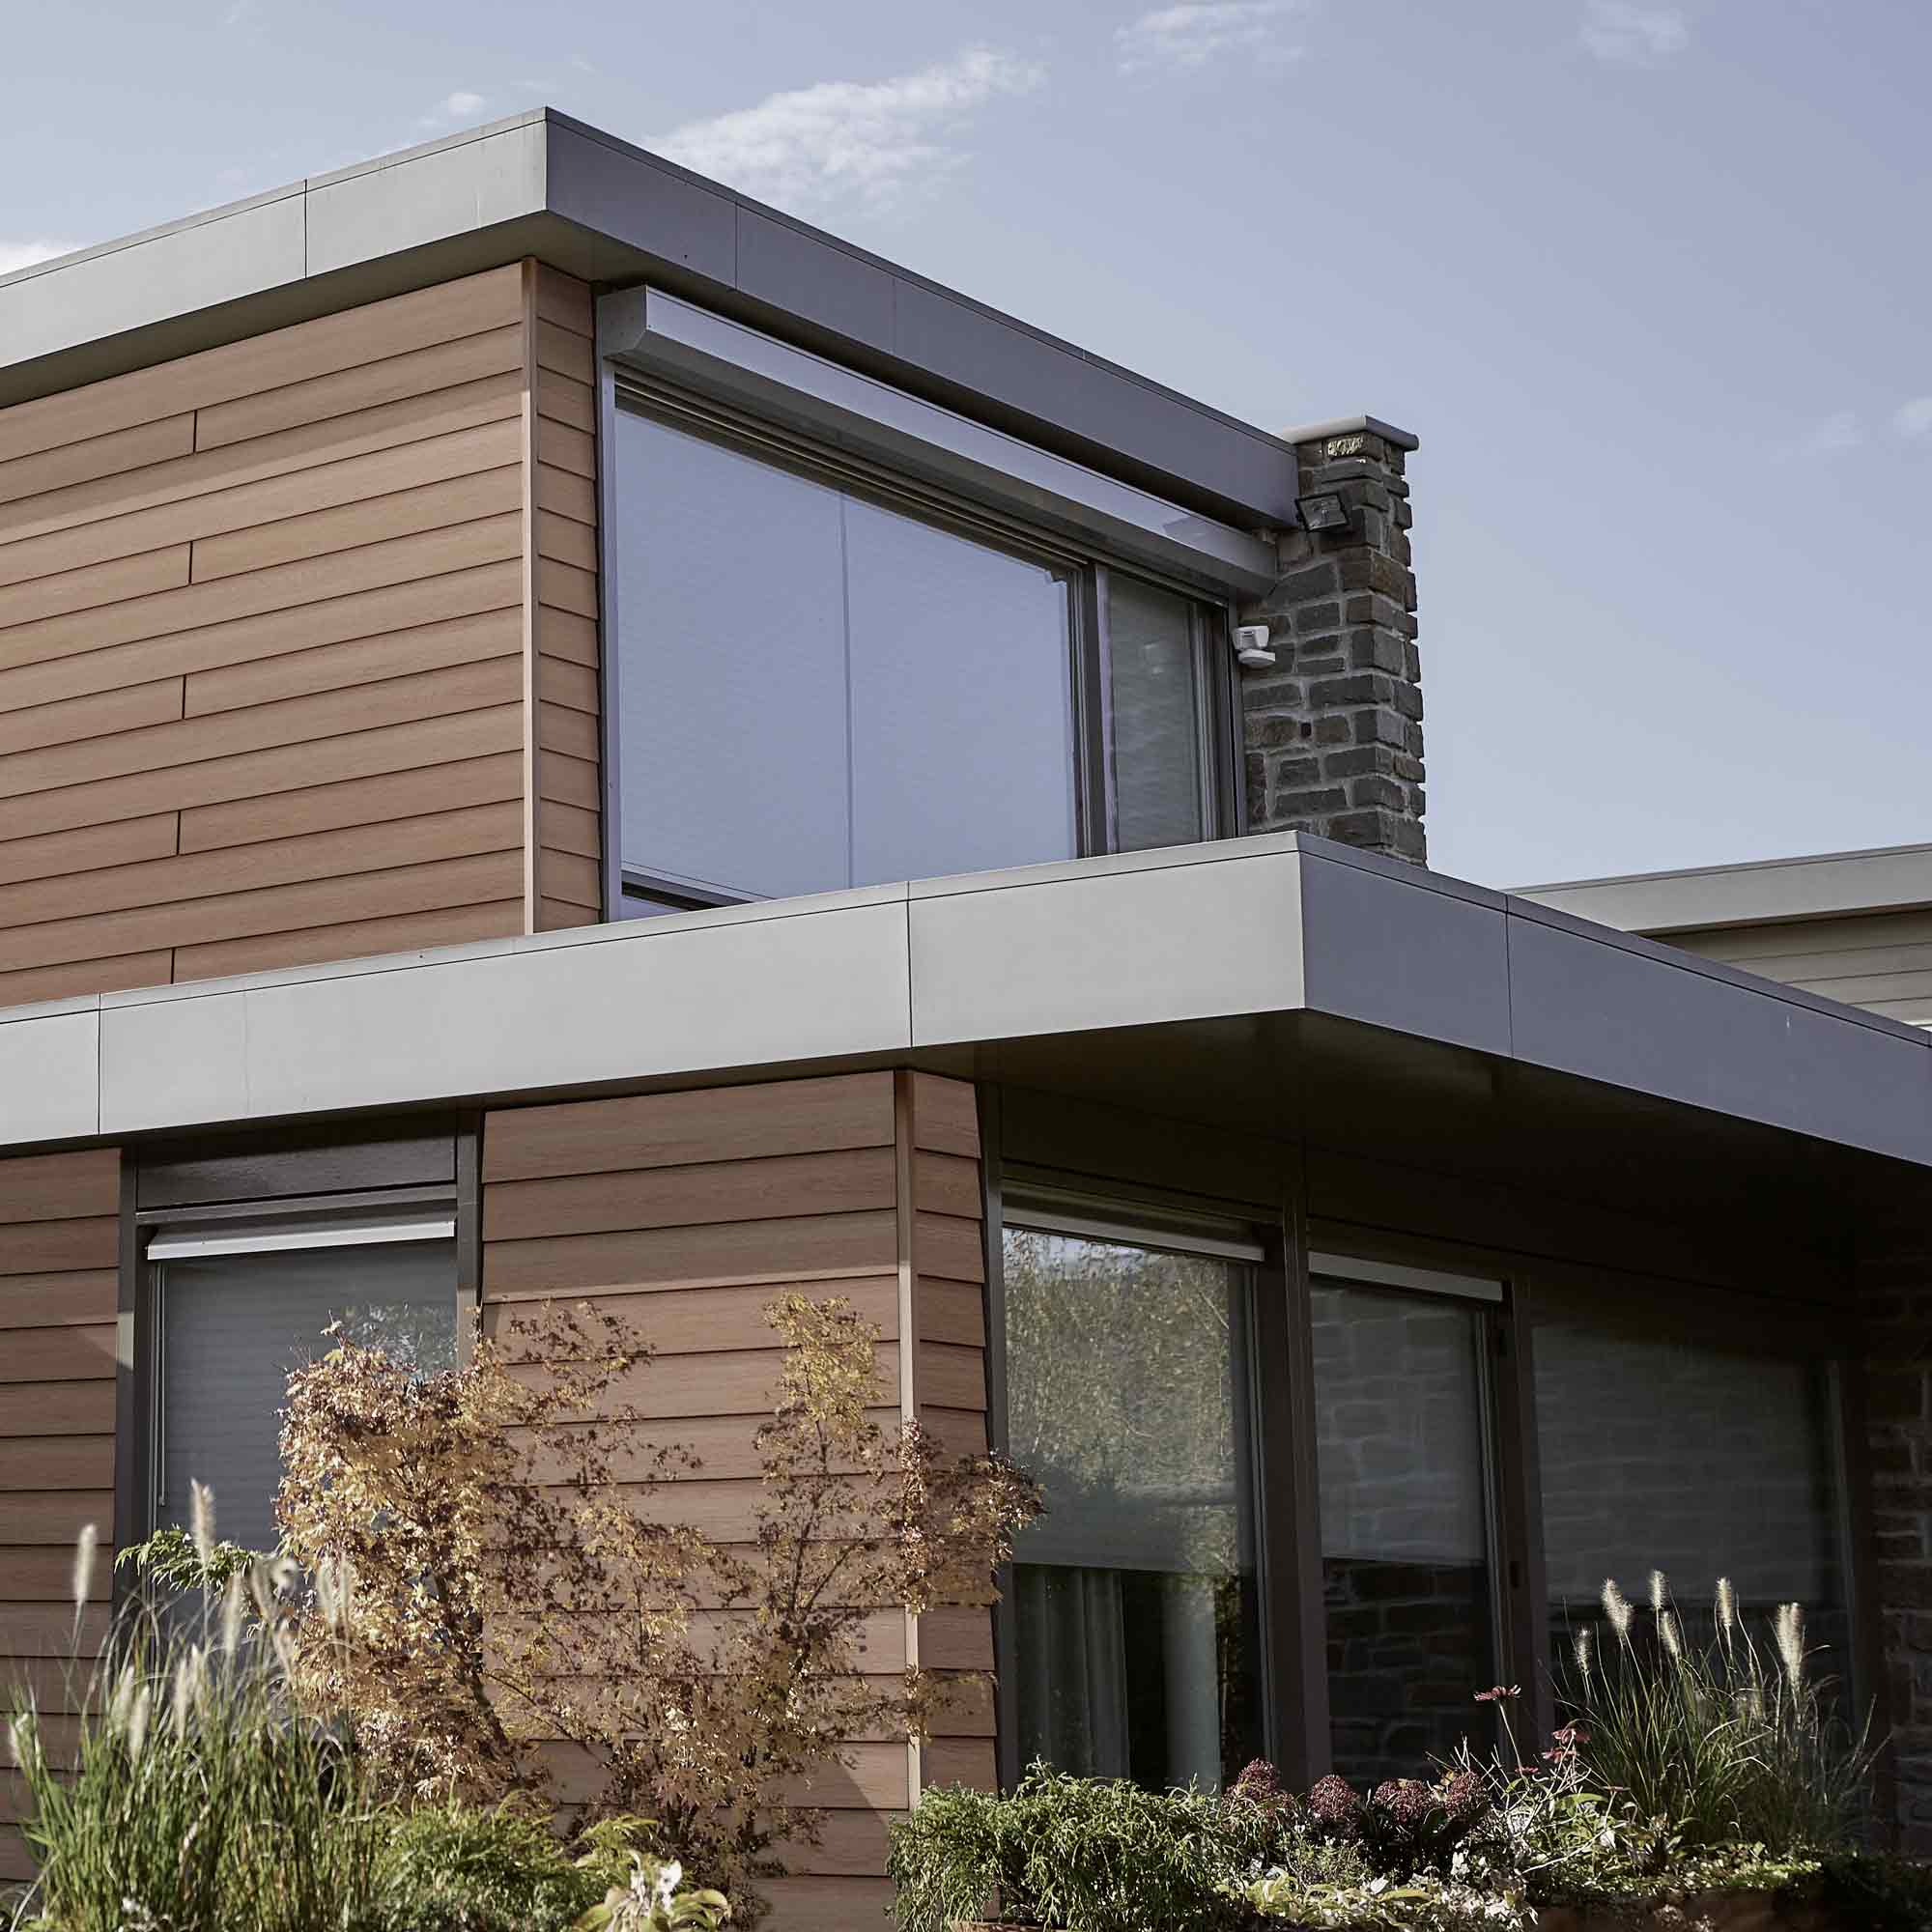 Vielf ltige kunststofffassaden holzland verbeek straelen for Holzland verbeek